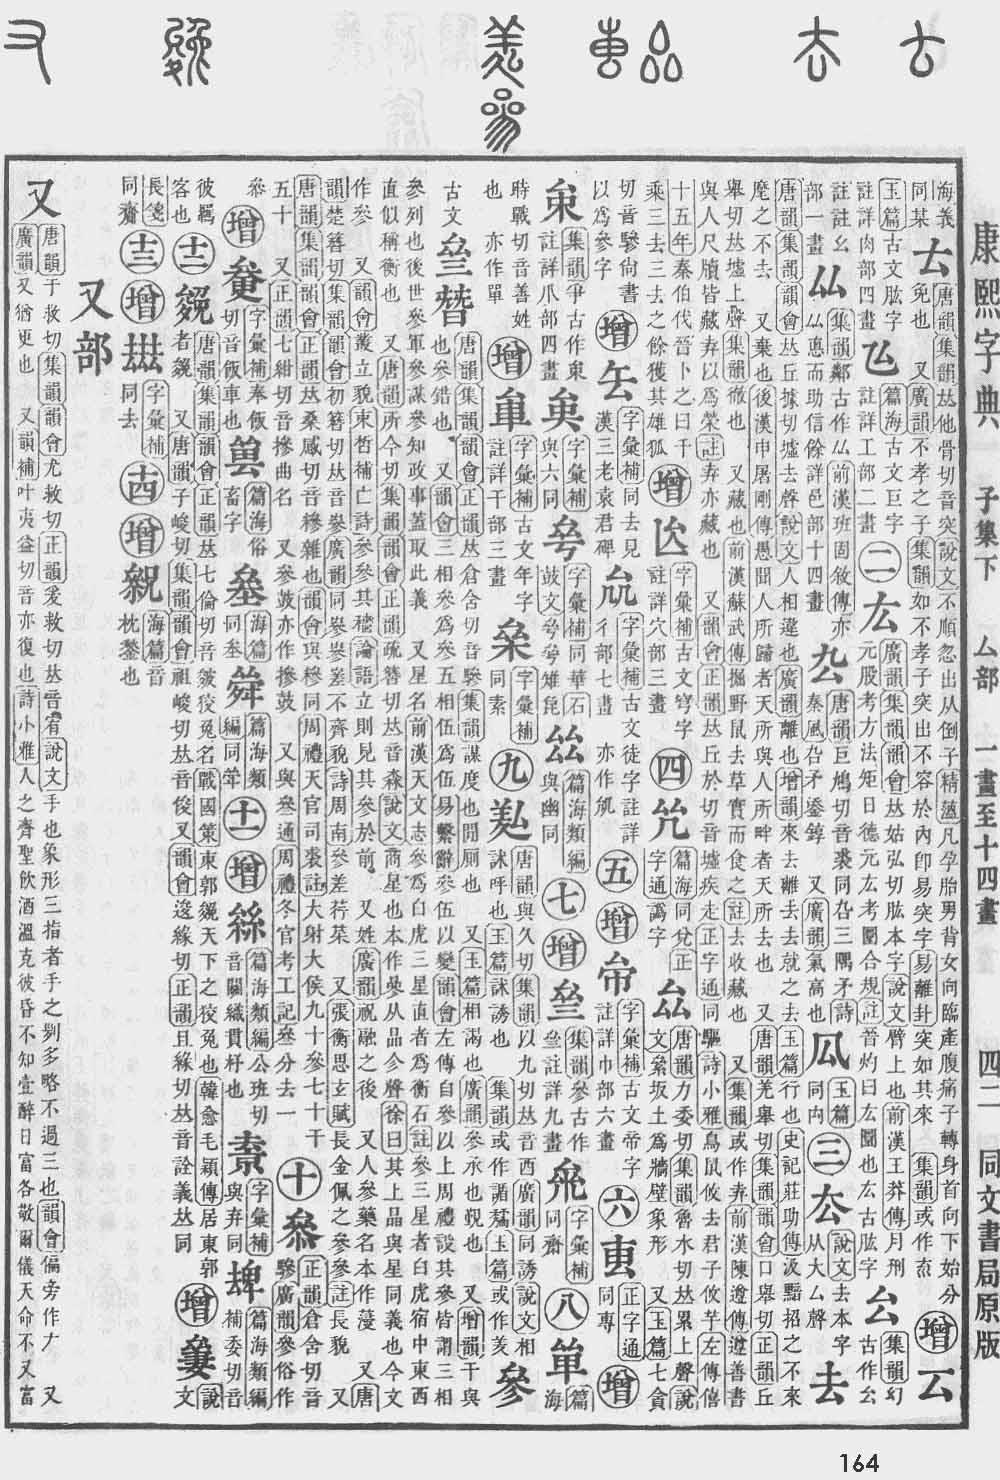 《康熙字典》第164页